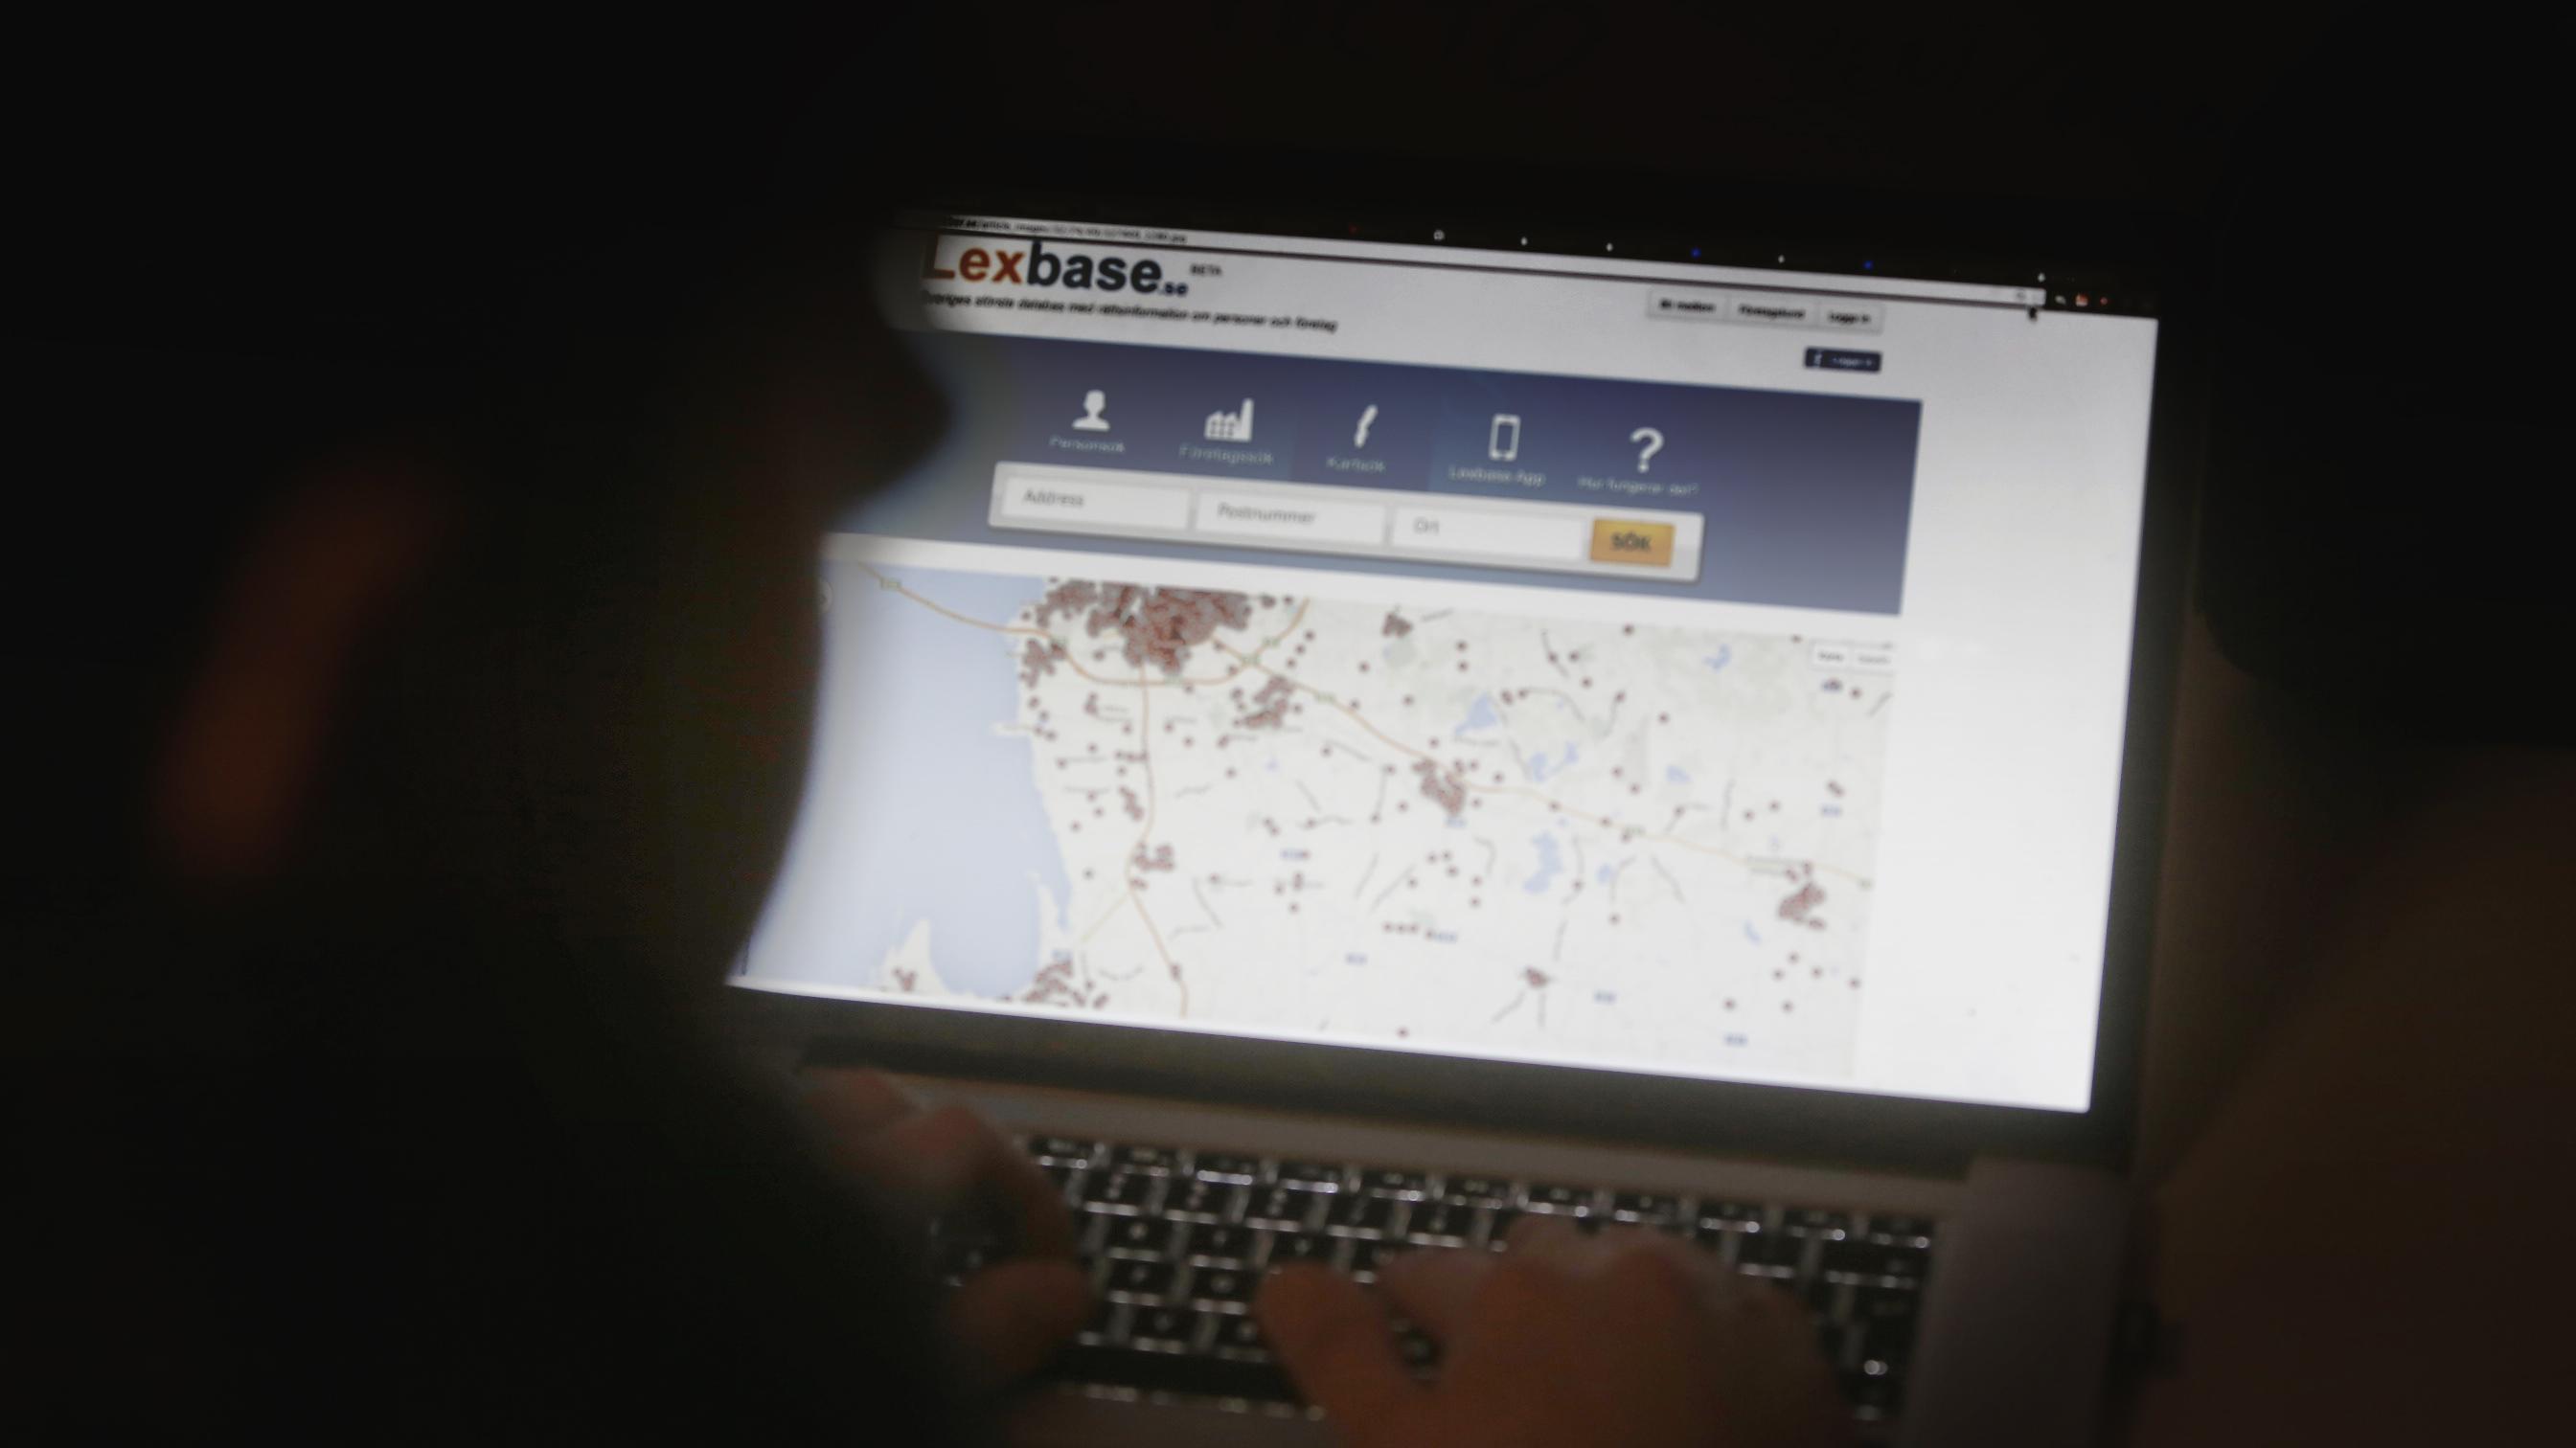 Många människor är förtvivlade efter att felaktigt hängts ut som brottslingar på Lexbase. Foto: Nyheter Idag